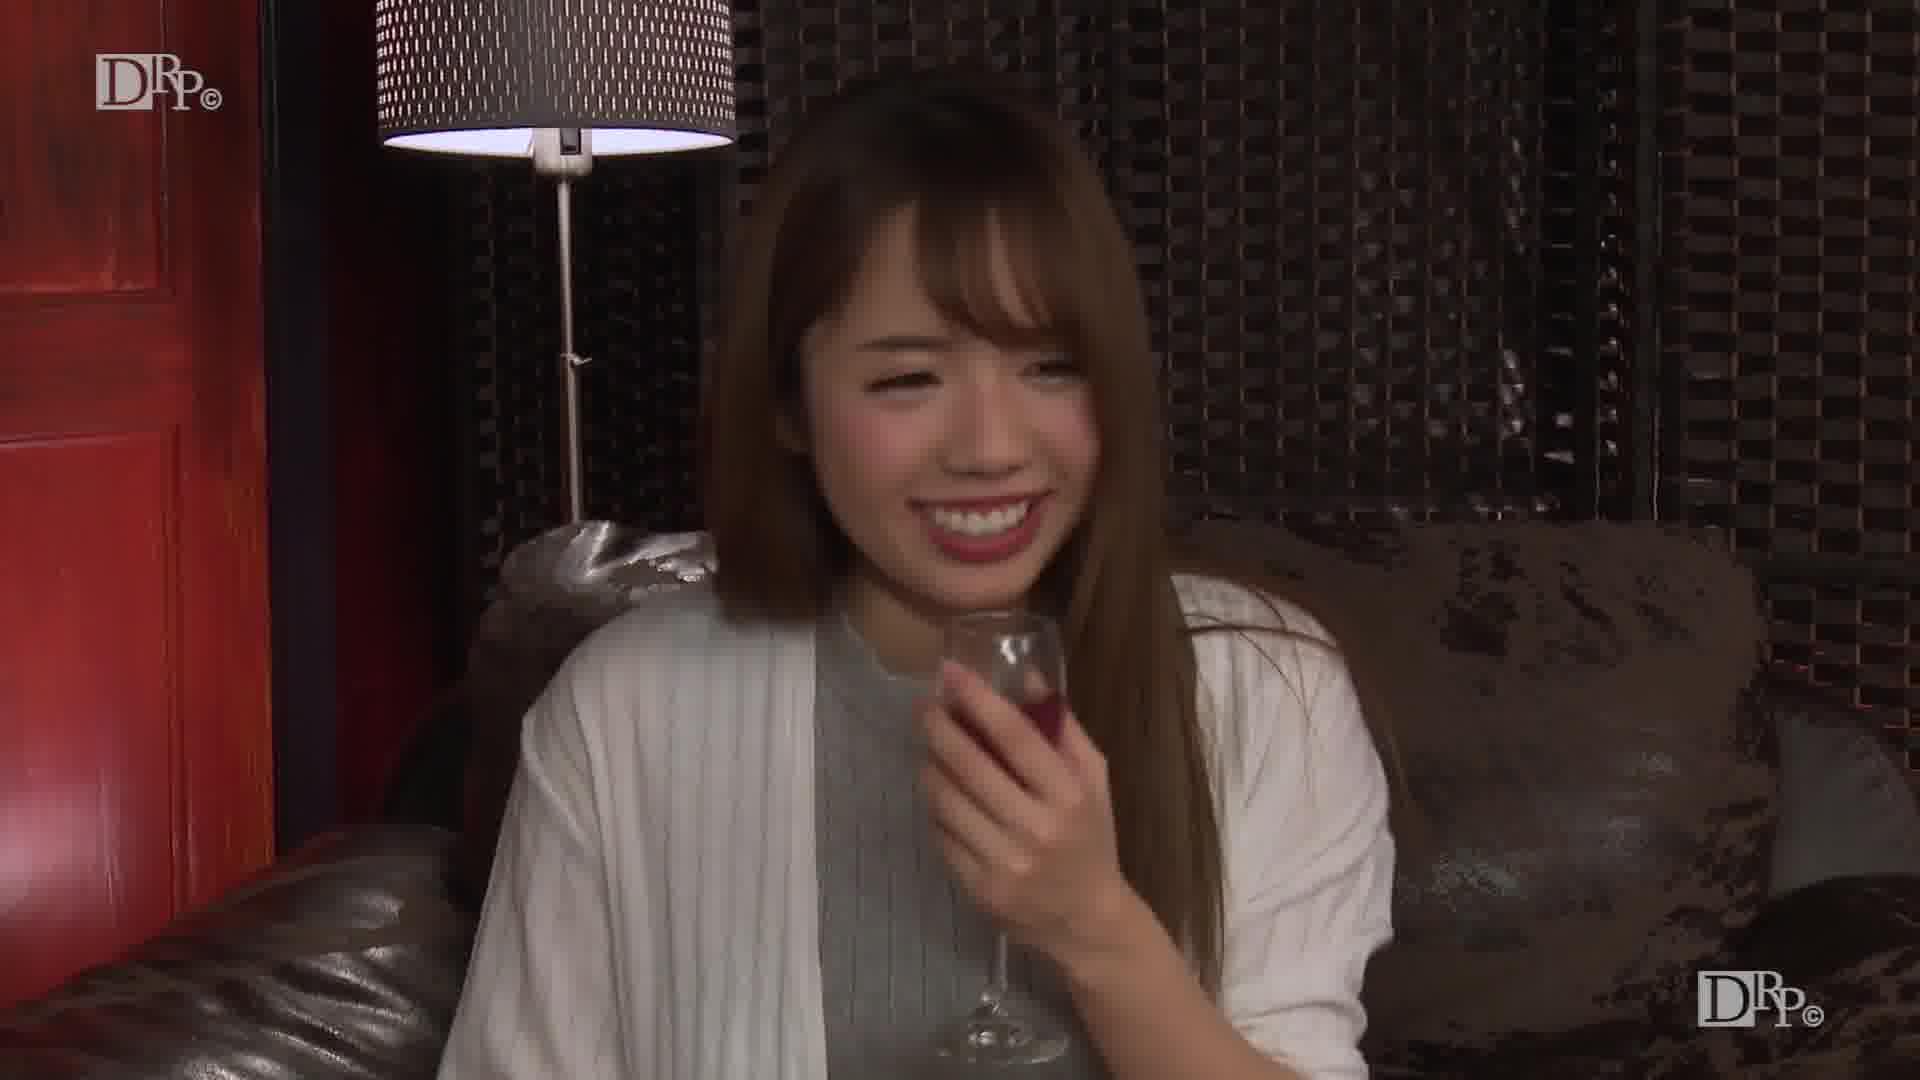 飲み姿エロイイGP 〜酔ってエロくなるヤリマン女の実態〜 - 神田るな【美乳・オナニー・中出し】